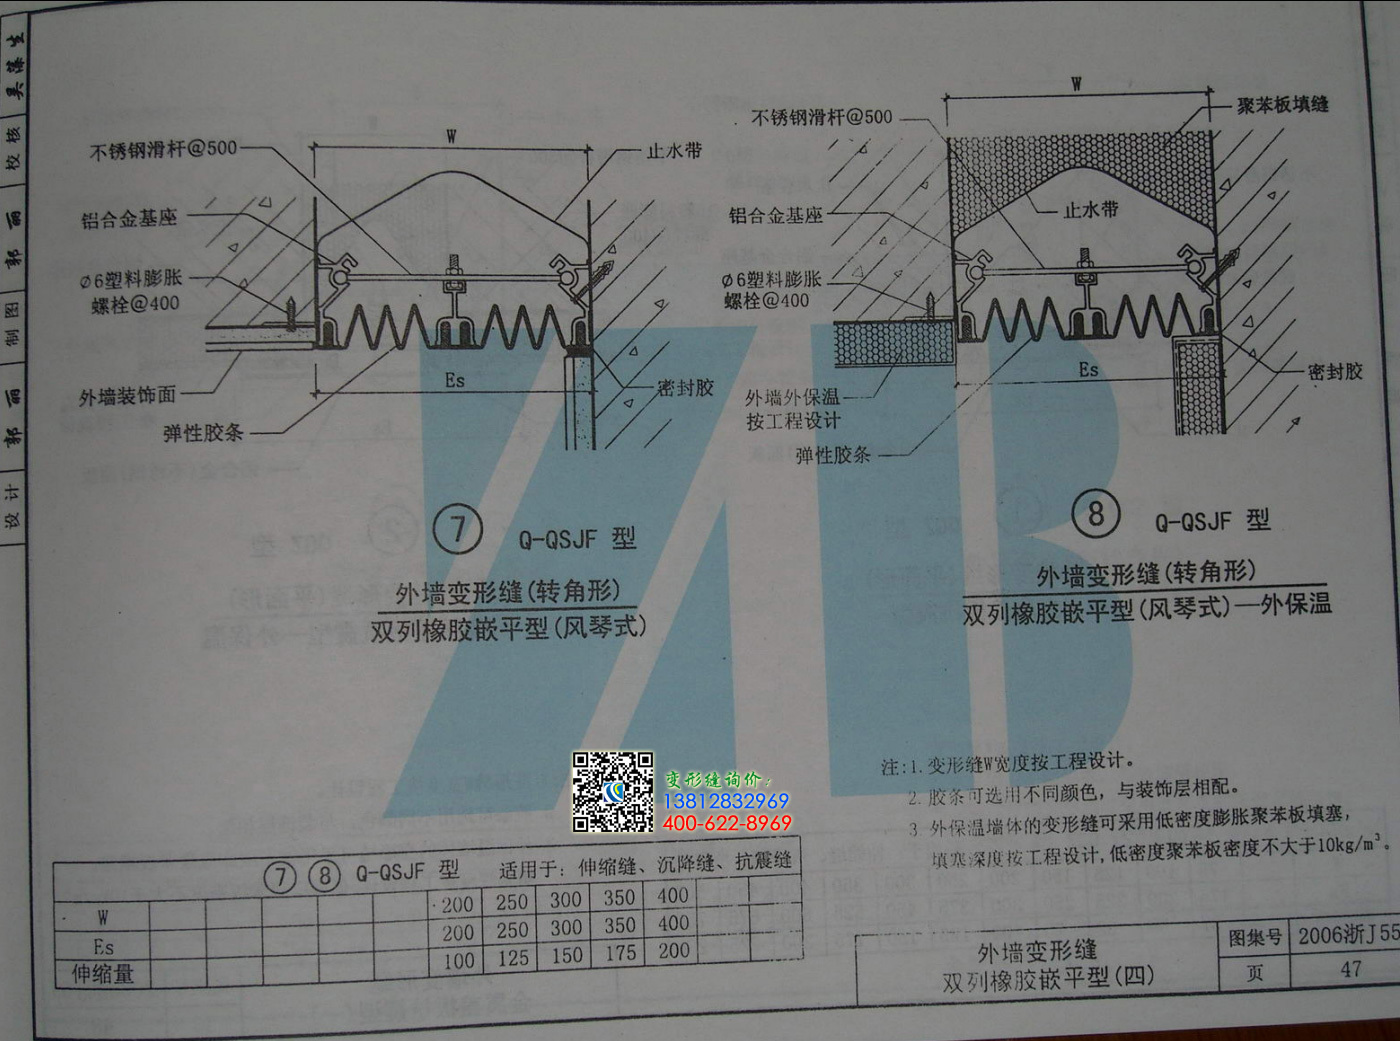 2006浙j55变形缝图集第47页